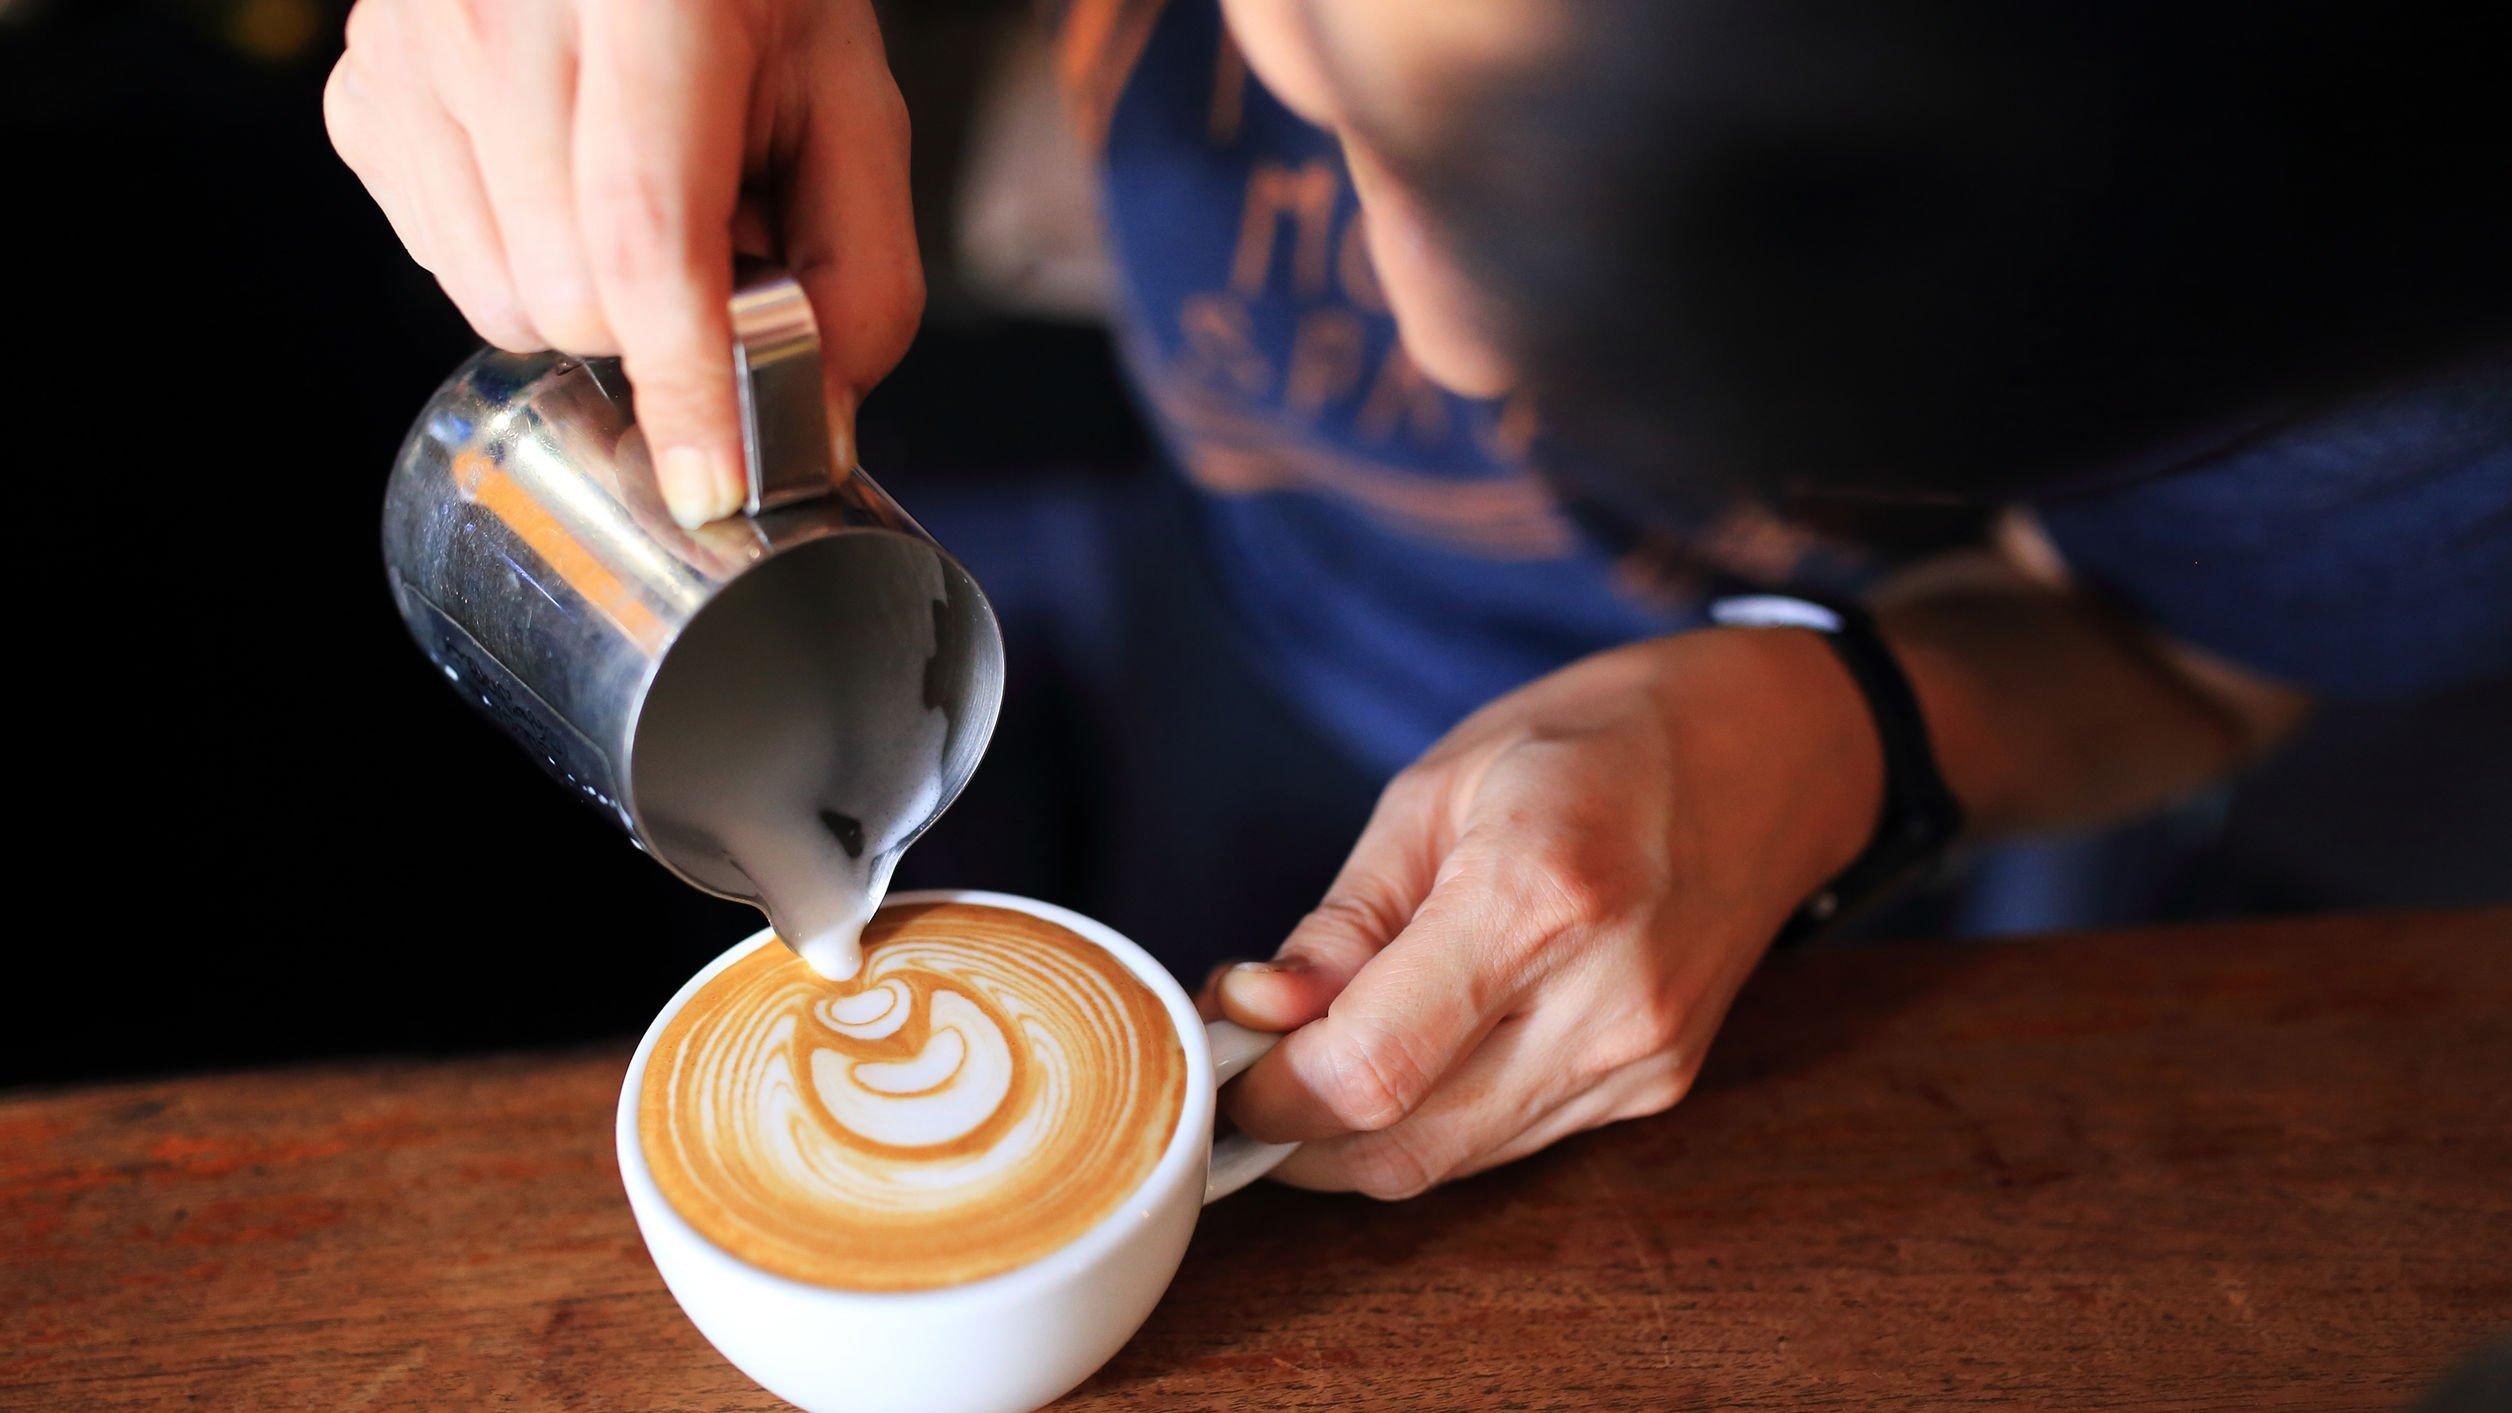 Homem colocando leite em xícara.